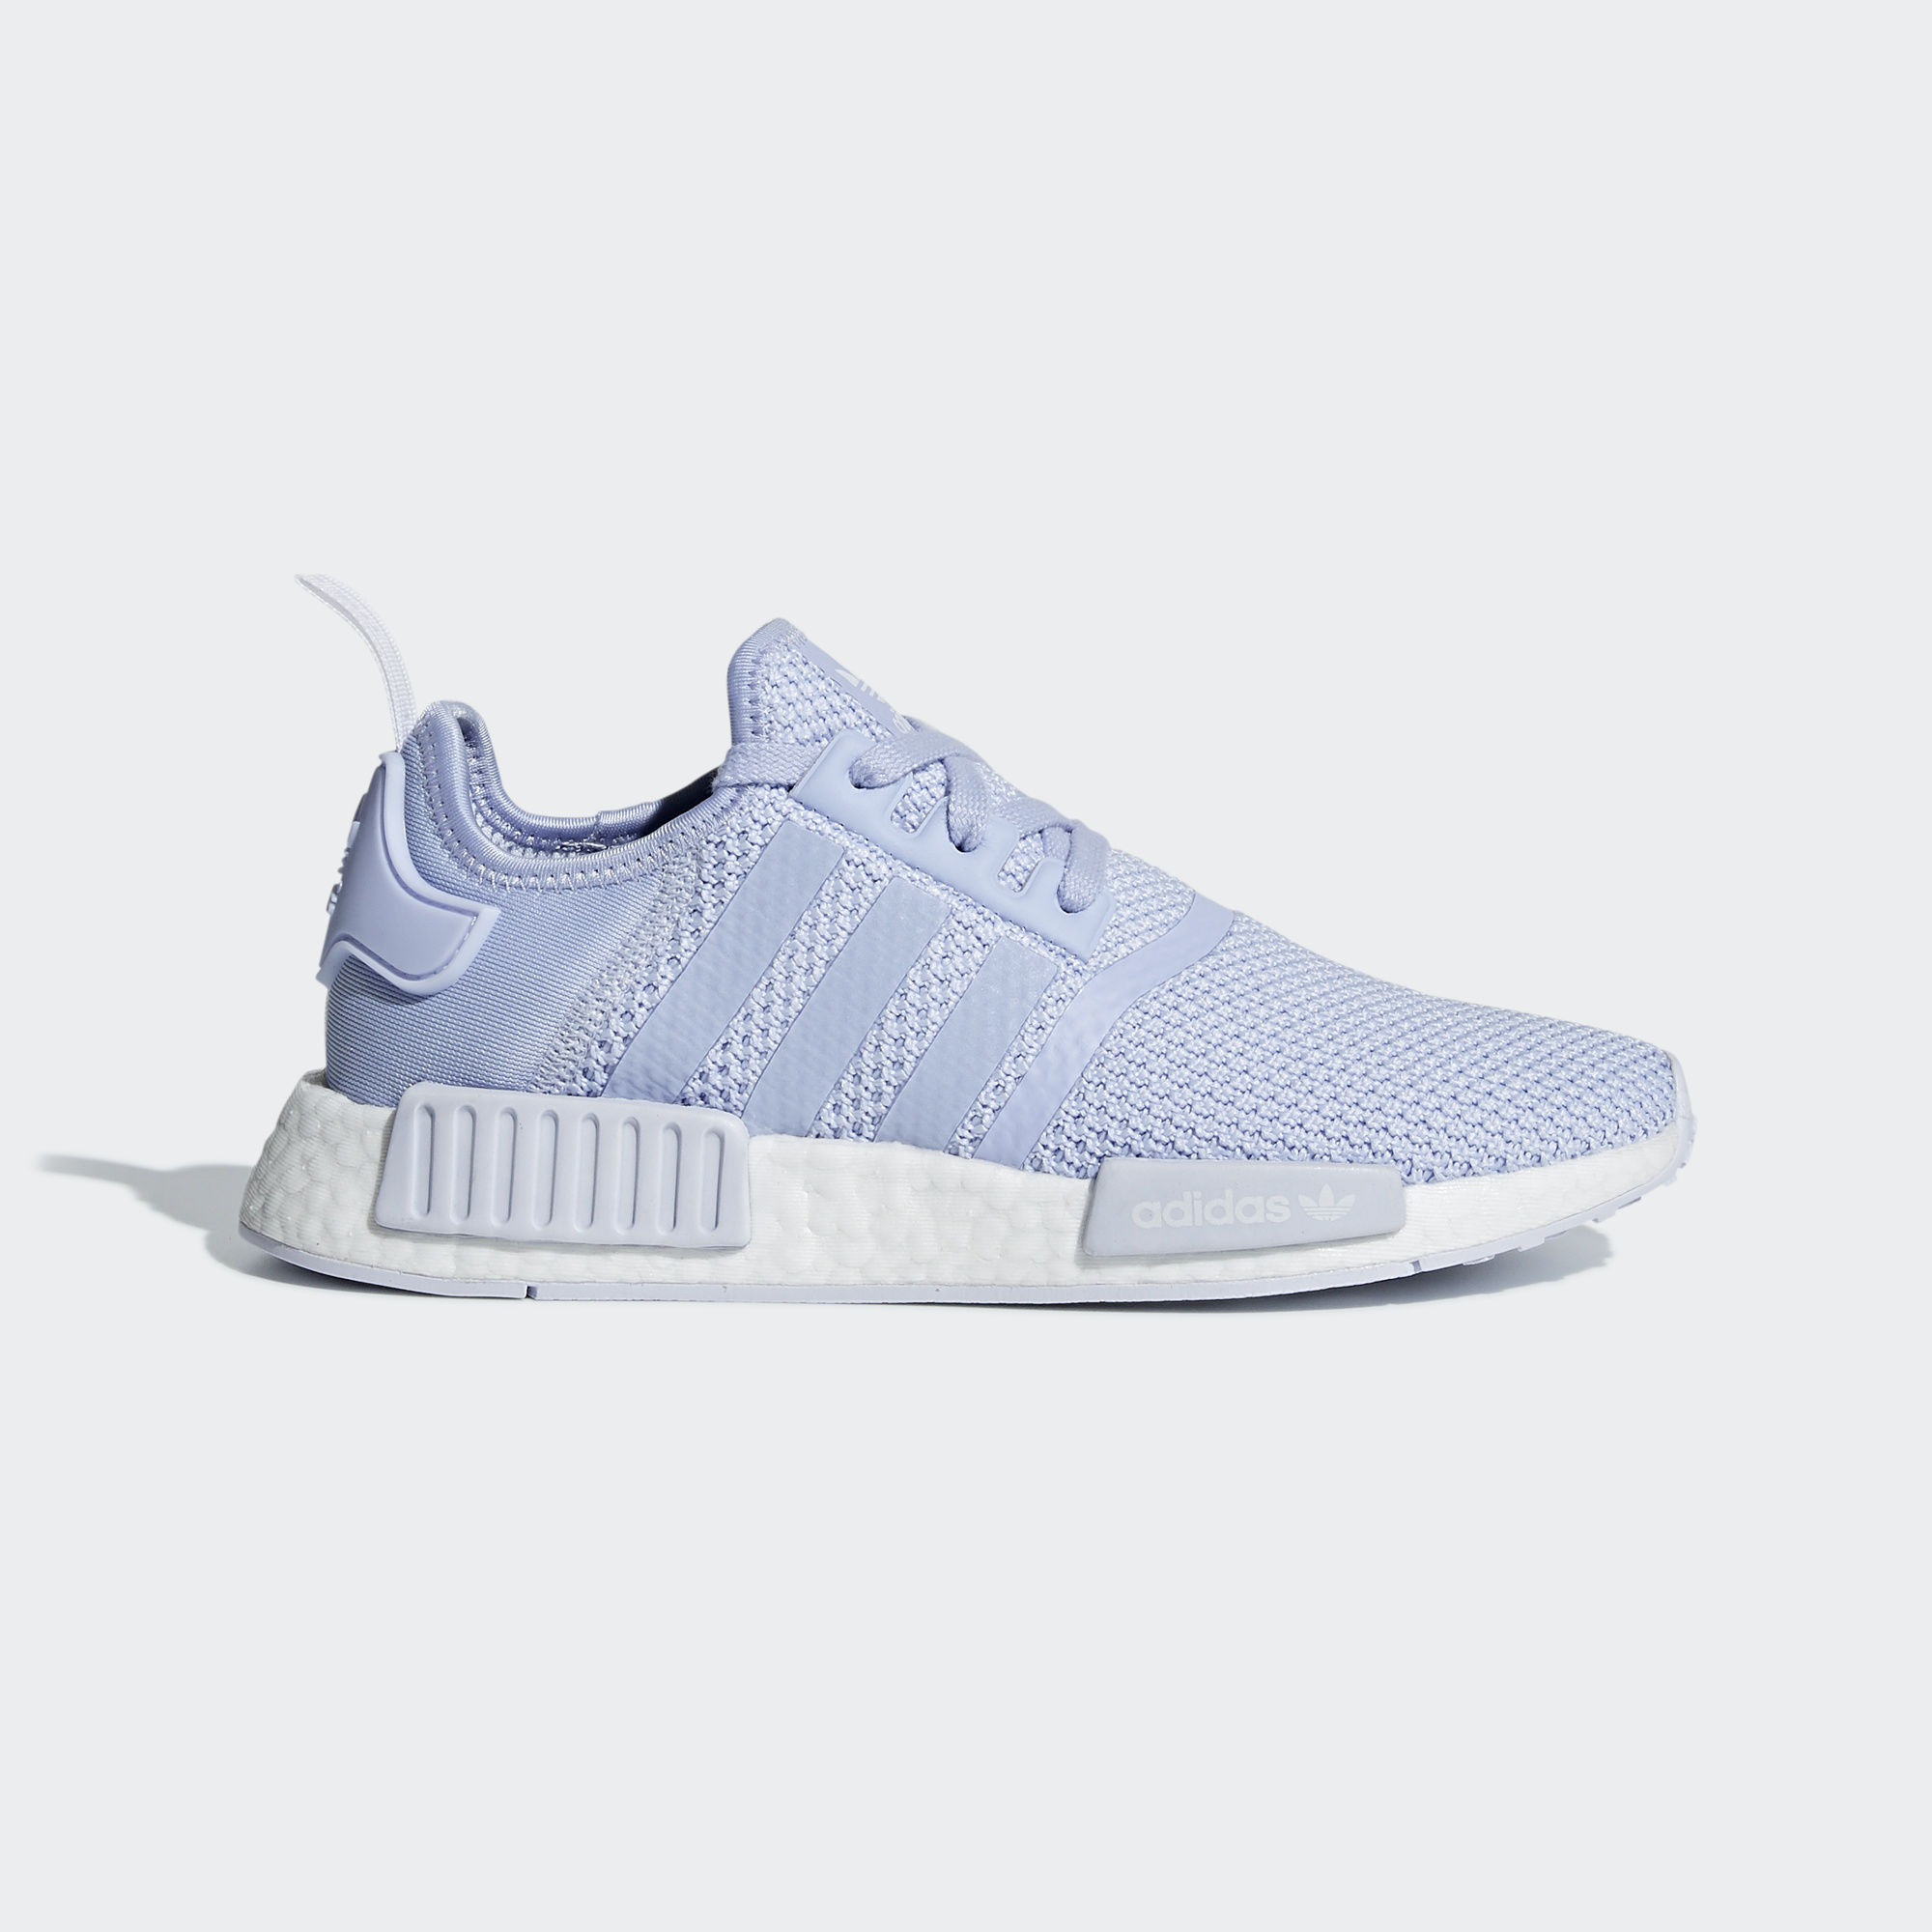 Adidas NMD_R1 Aero Blue / Aero Blue / Ftwr White (B37653)